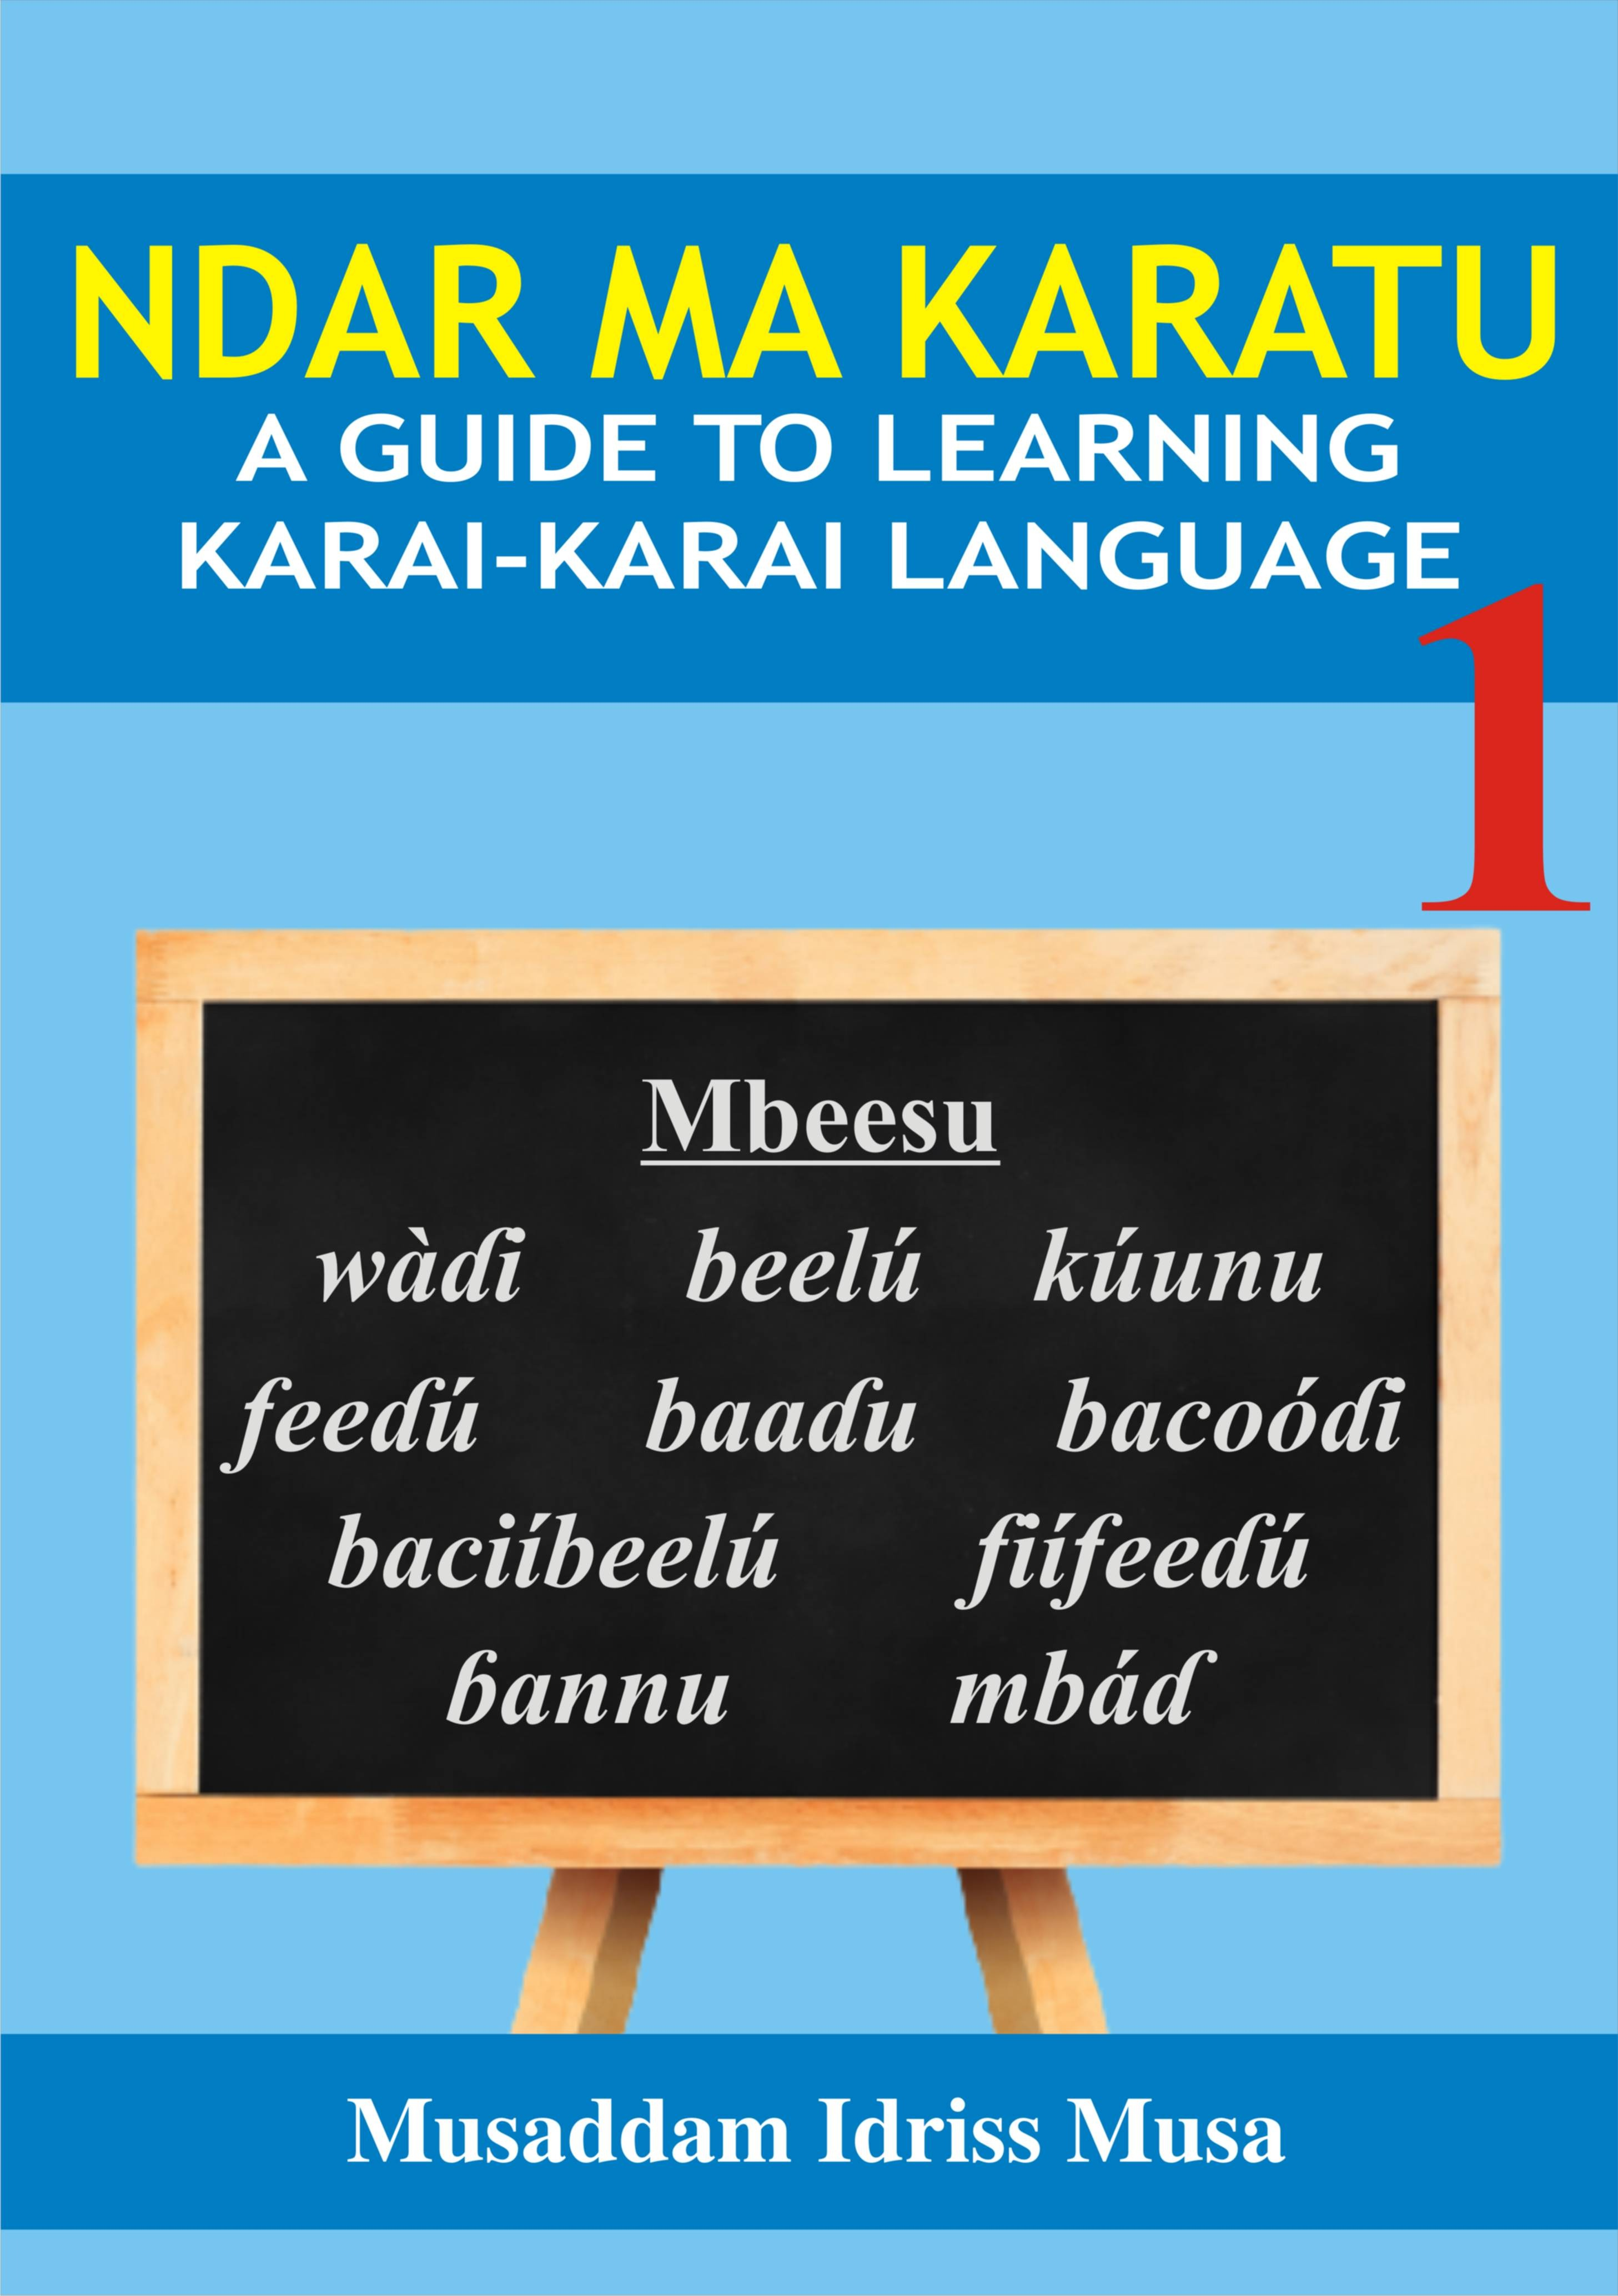 Ndar Ma Karatu: A Guide To Learning Karai-Karai Language